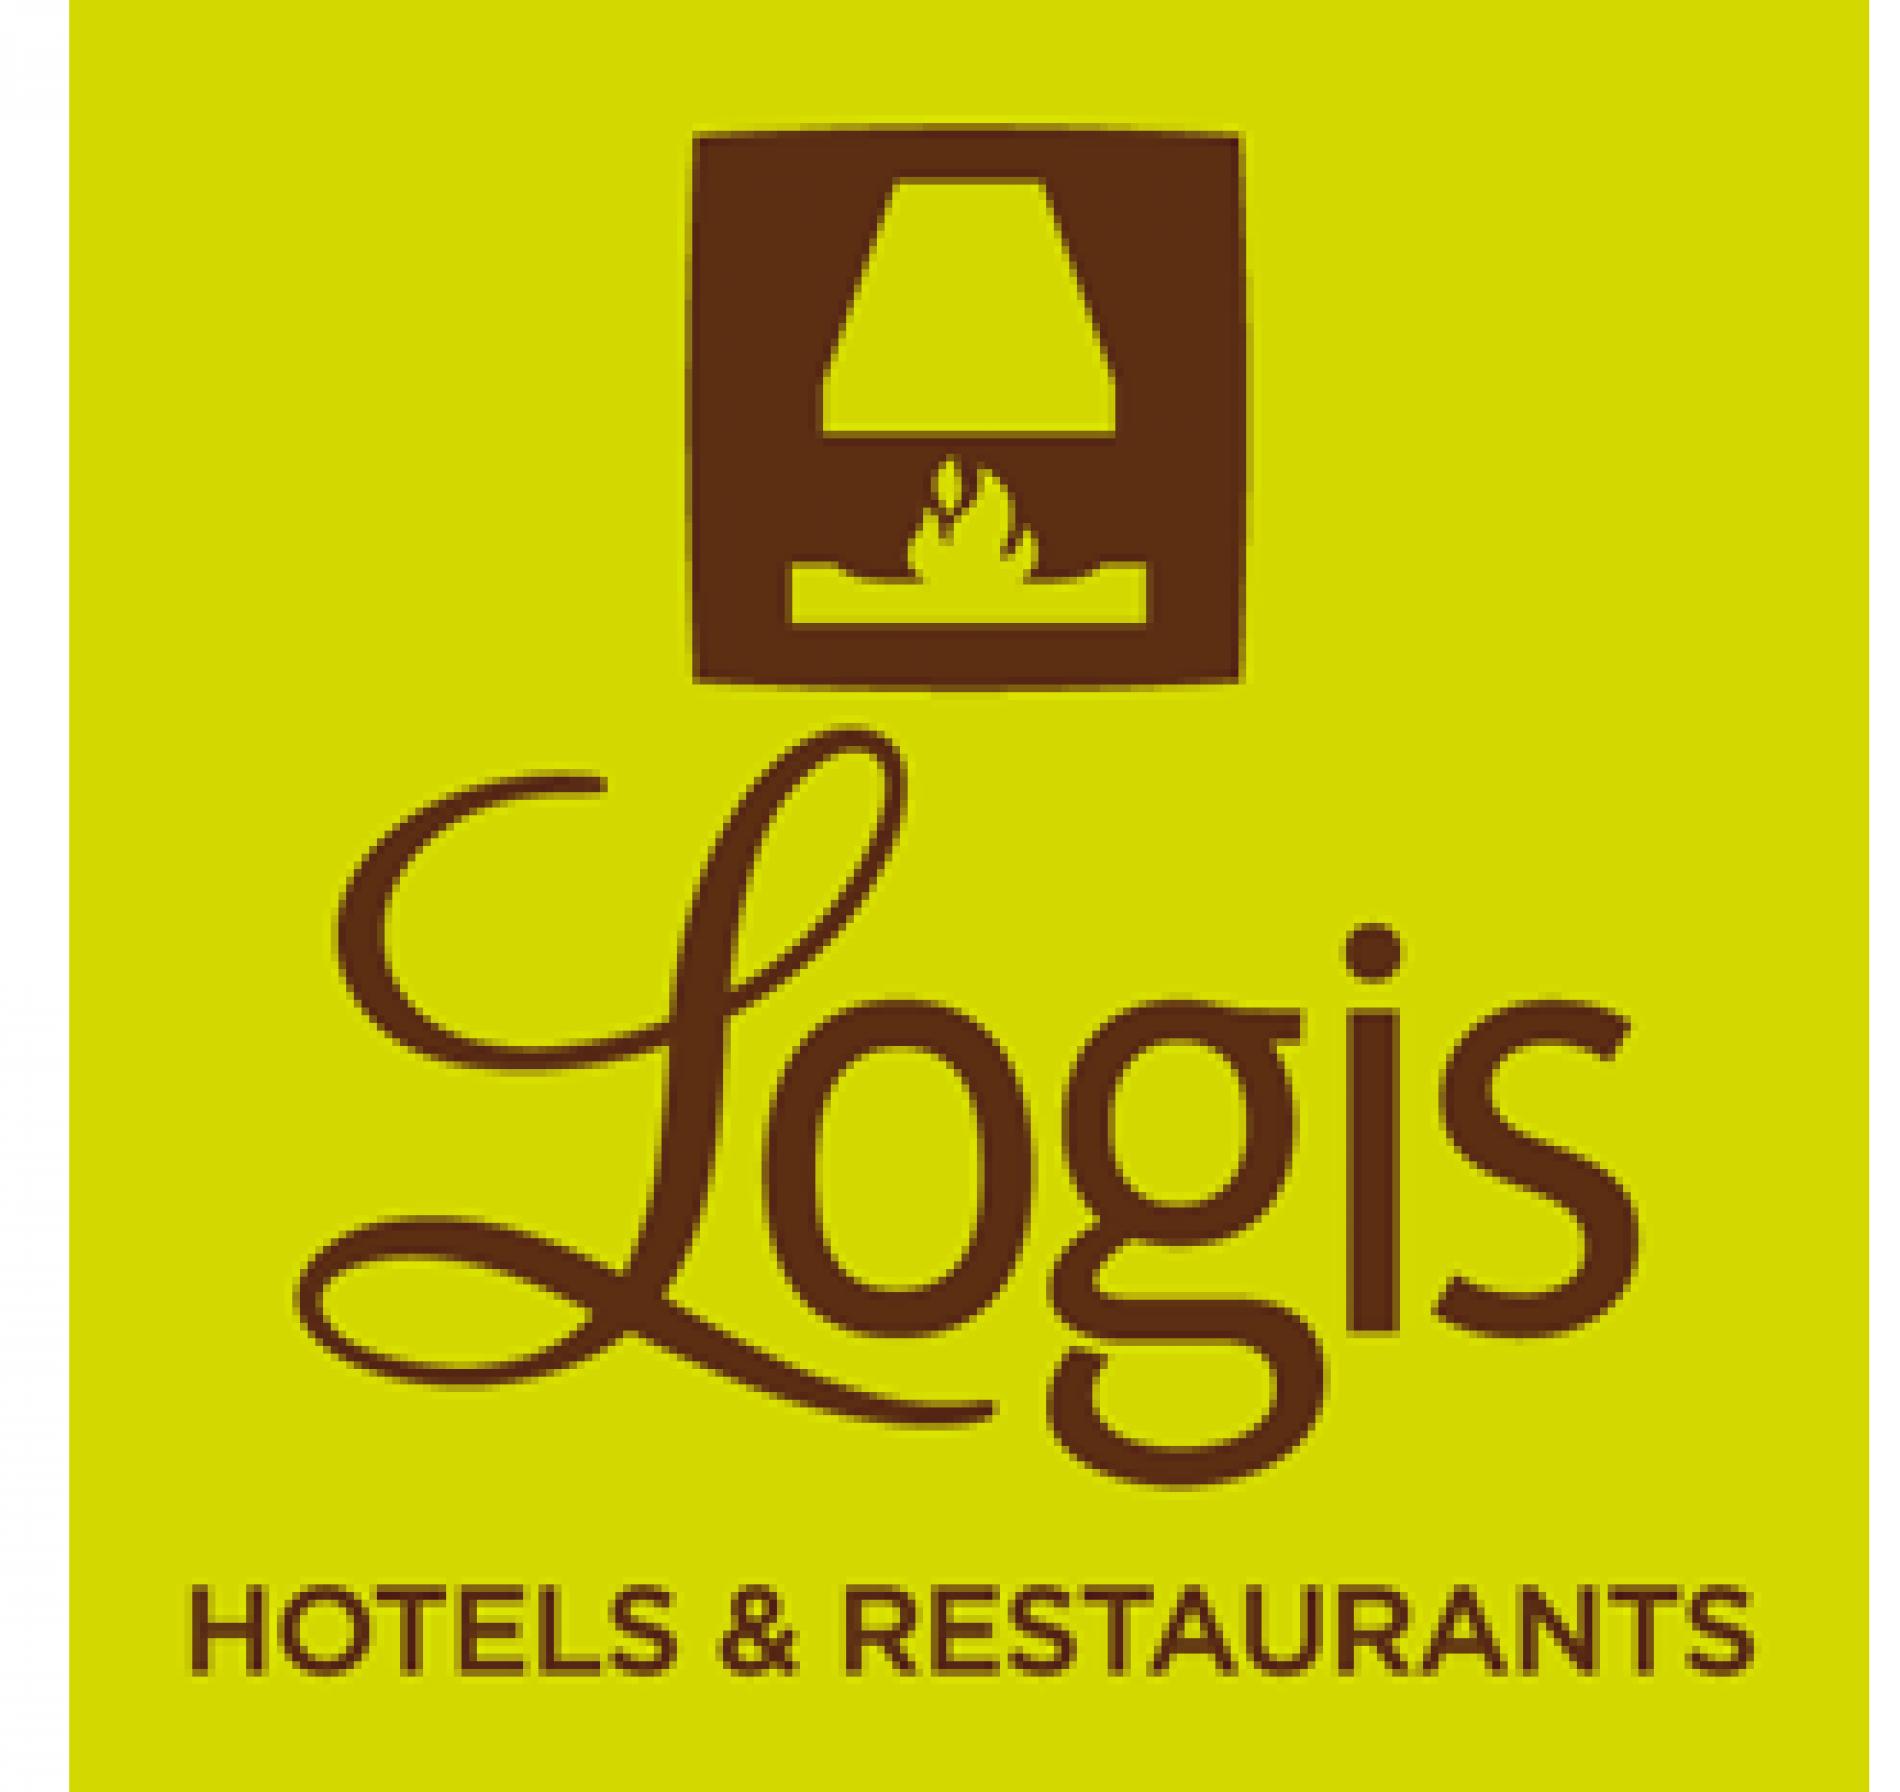 Logis hôtel